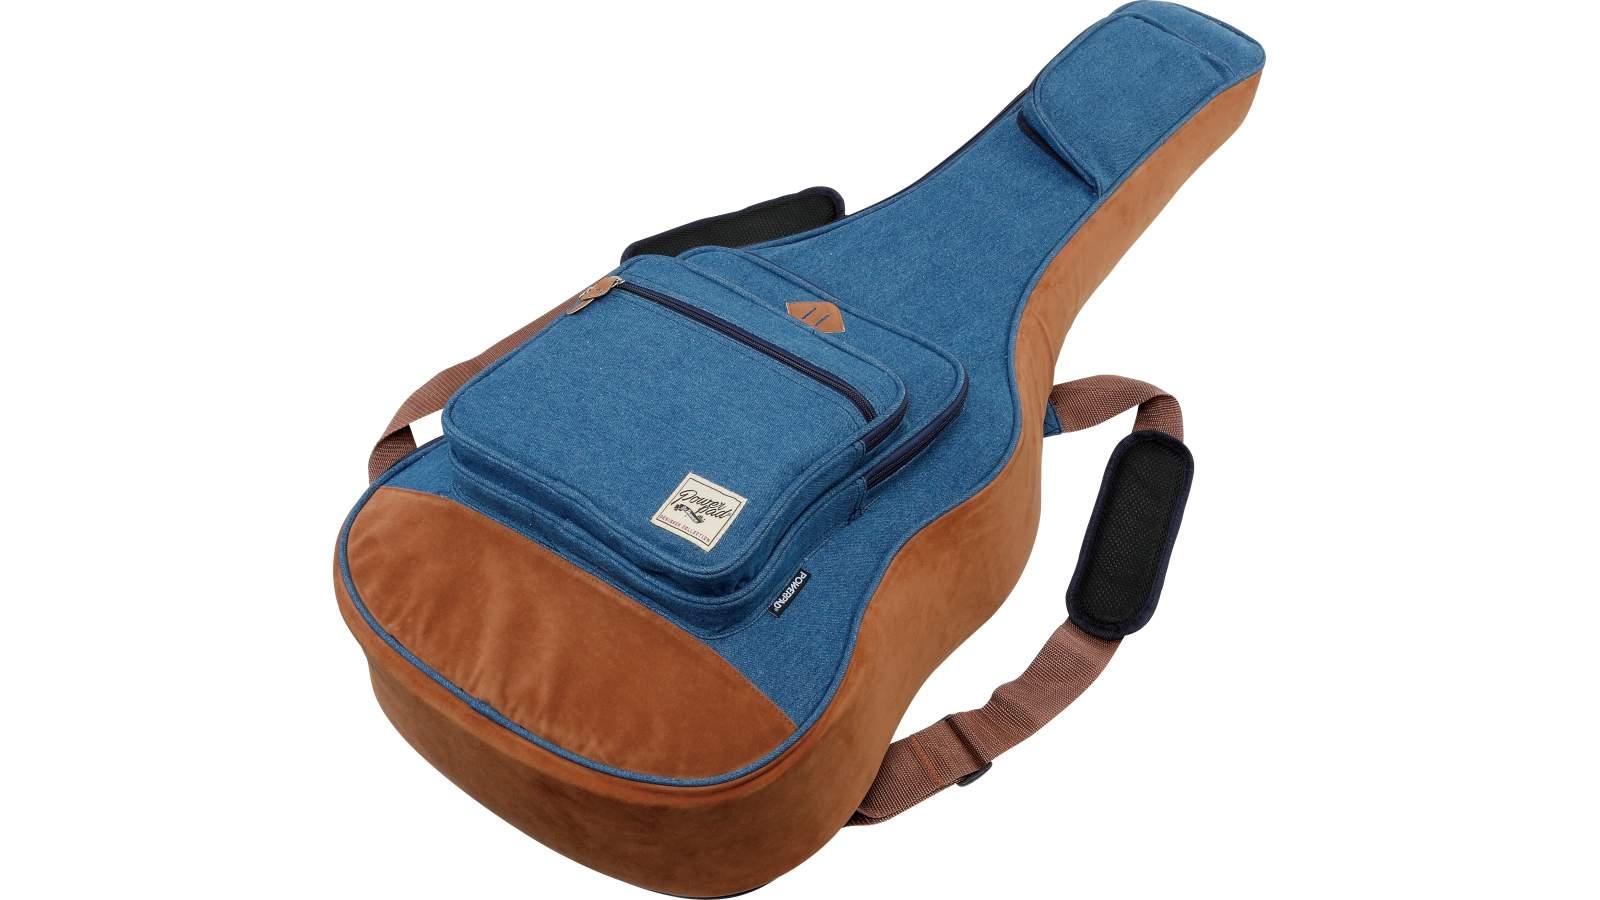 Ibanez ICB541D-BL Gigbag Klassikgitarre blue denim